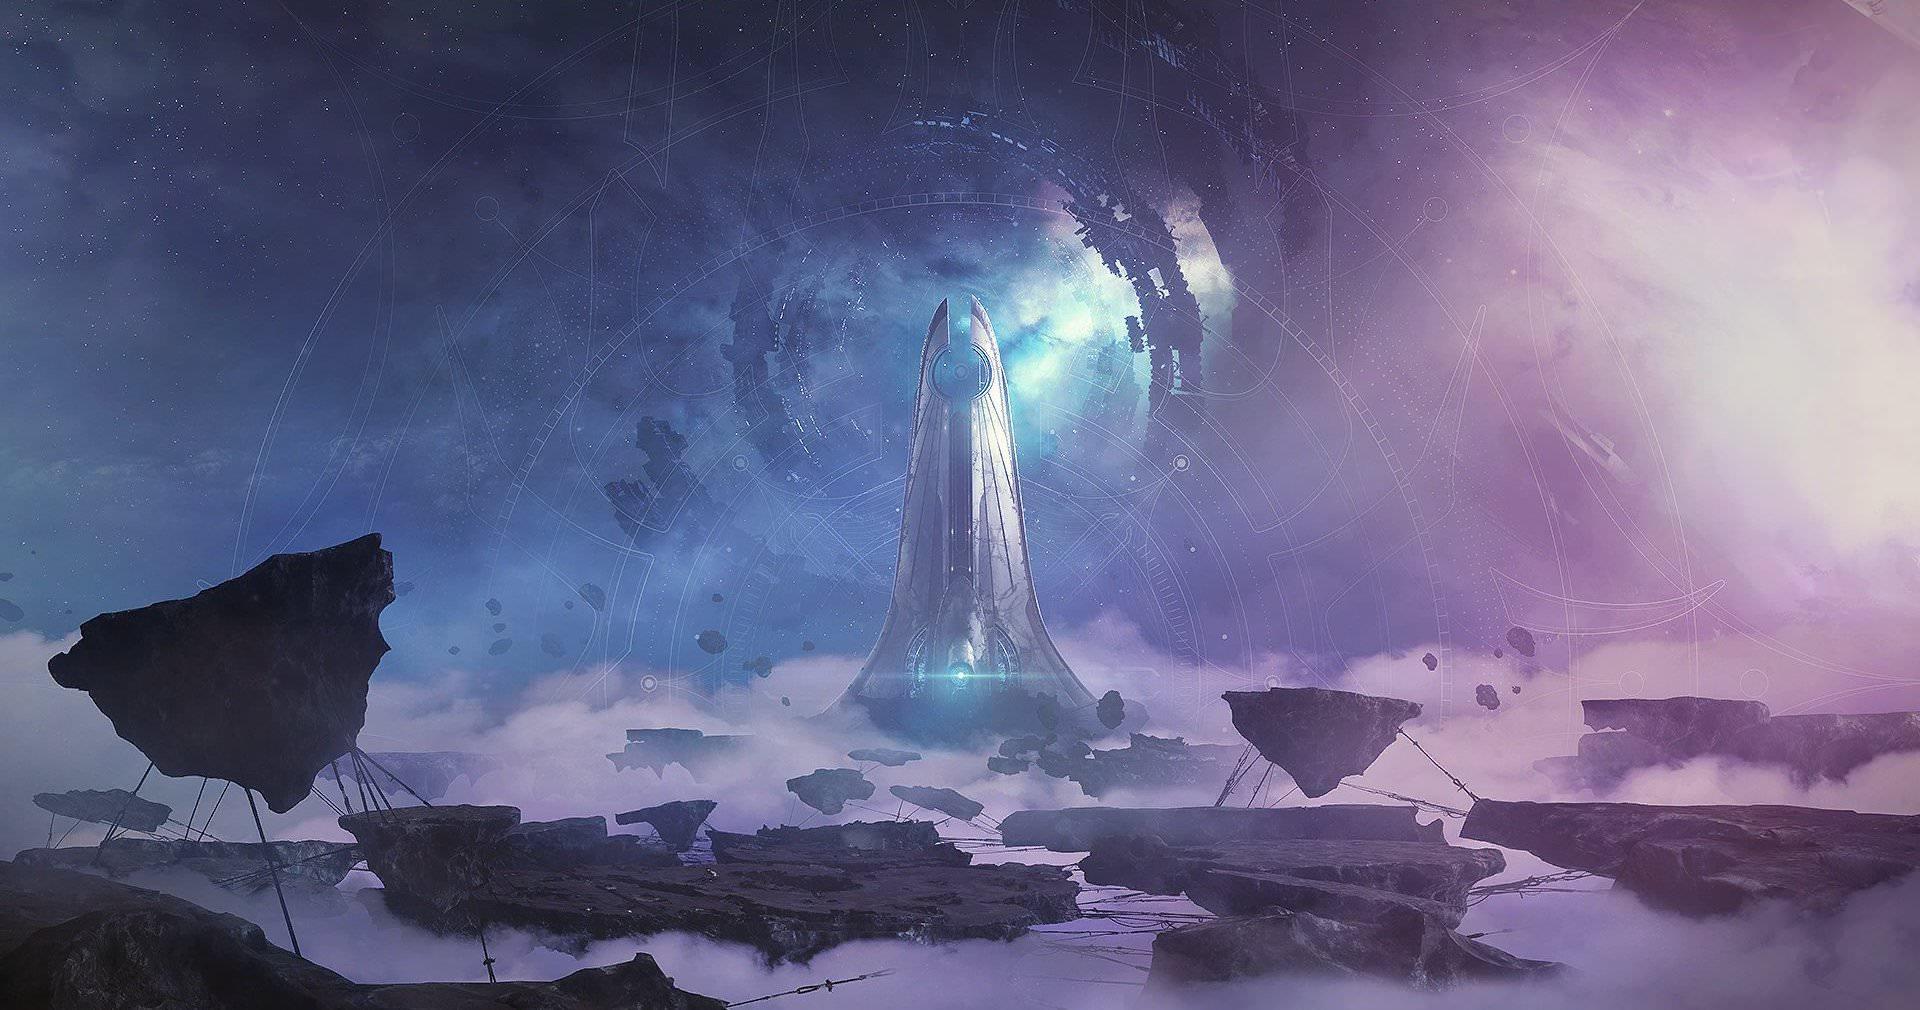 Destiny 2 Forsaken Wallpaper 4k Posted By Samantha Johnson